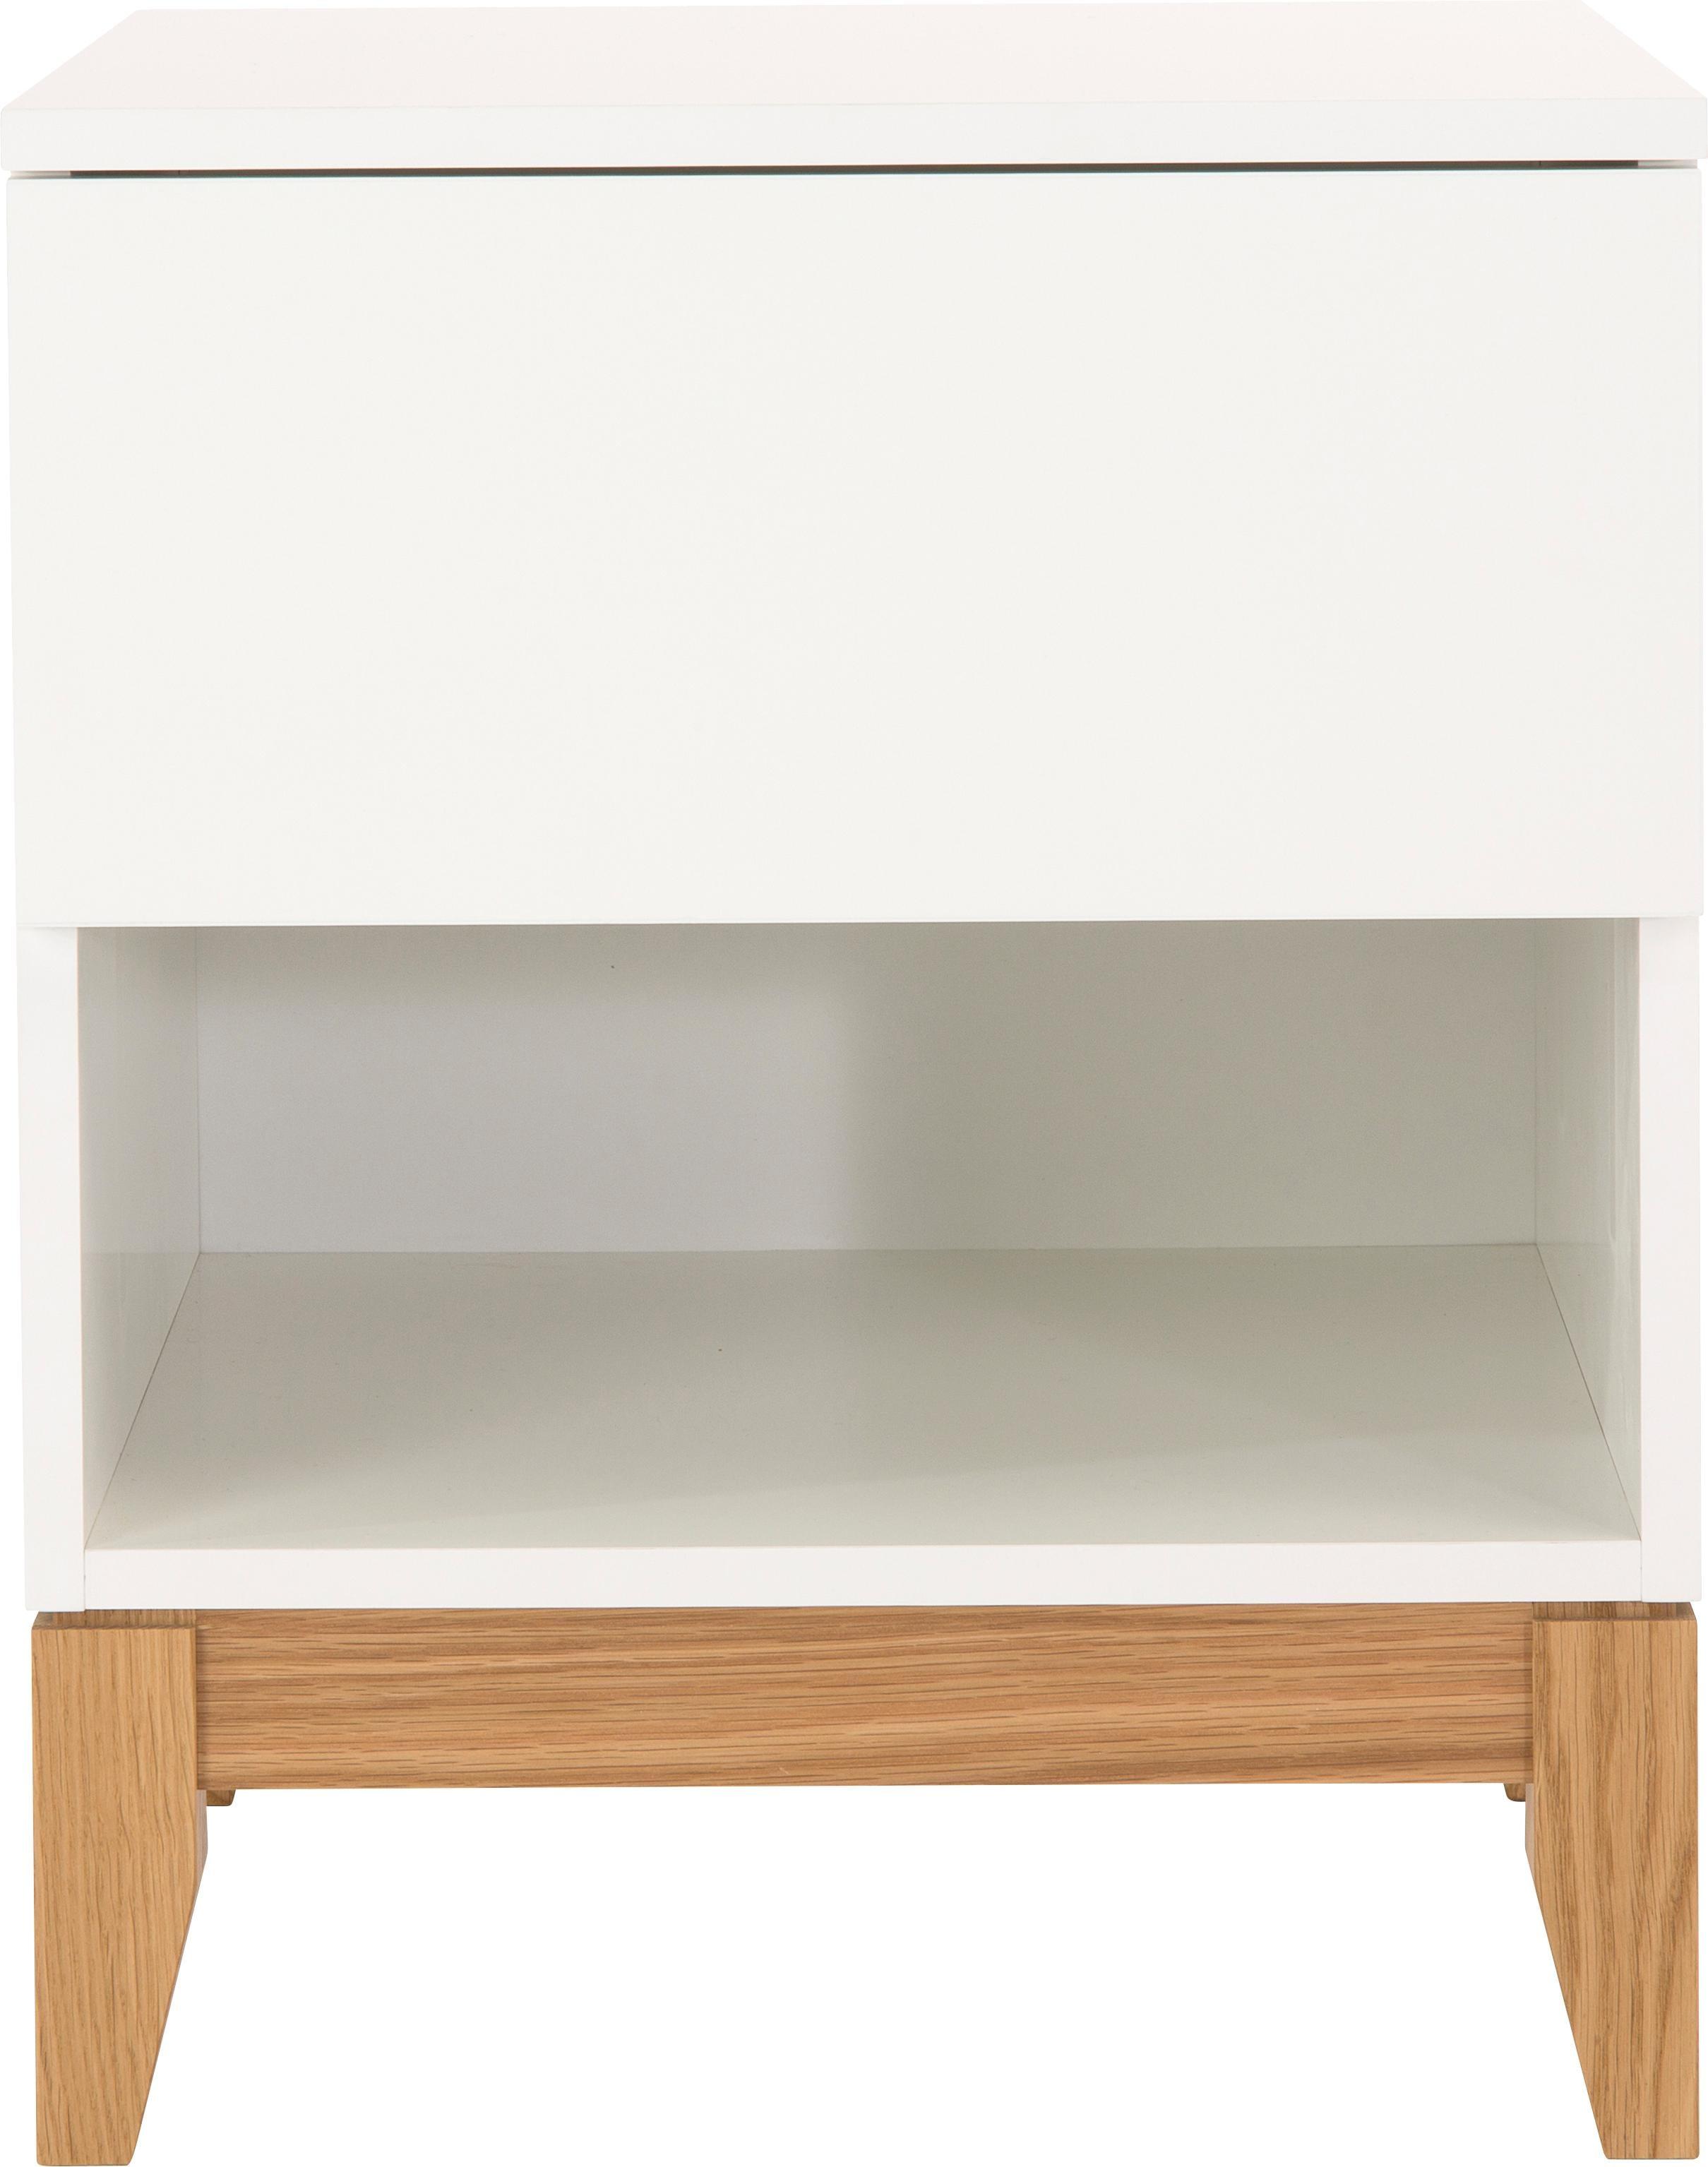 Woodman Beistelltisch Elinee Wohnen/Möbel/Tische/Beistelltische